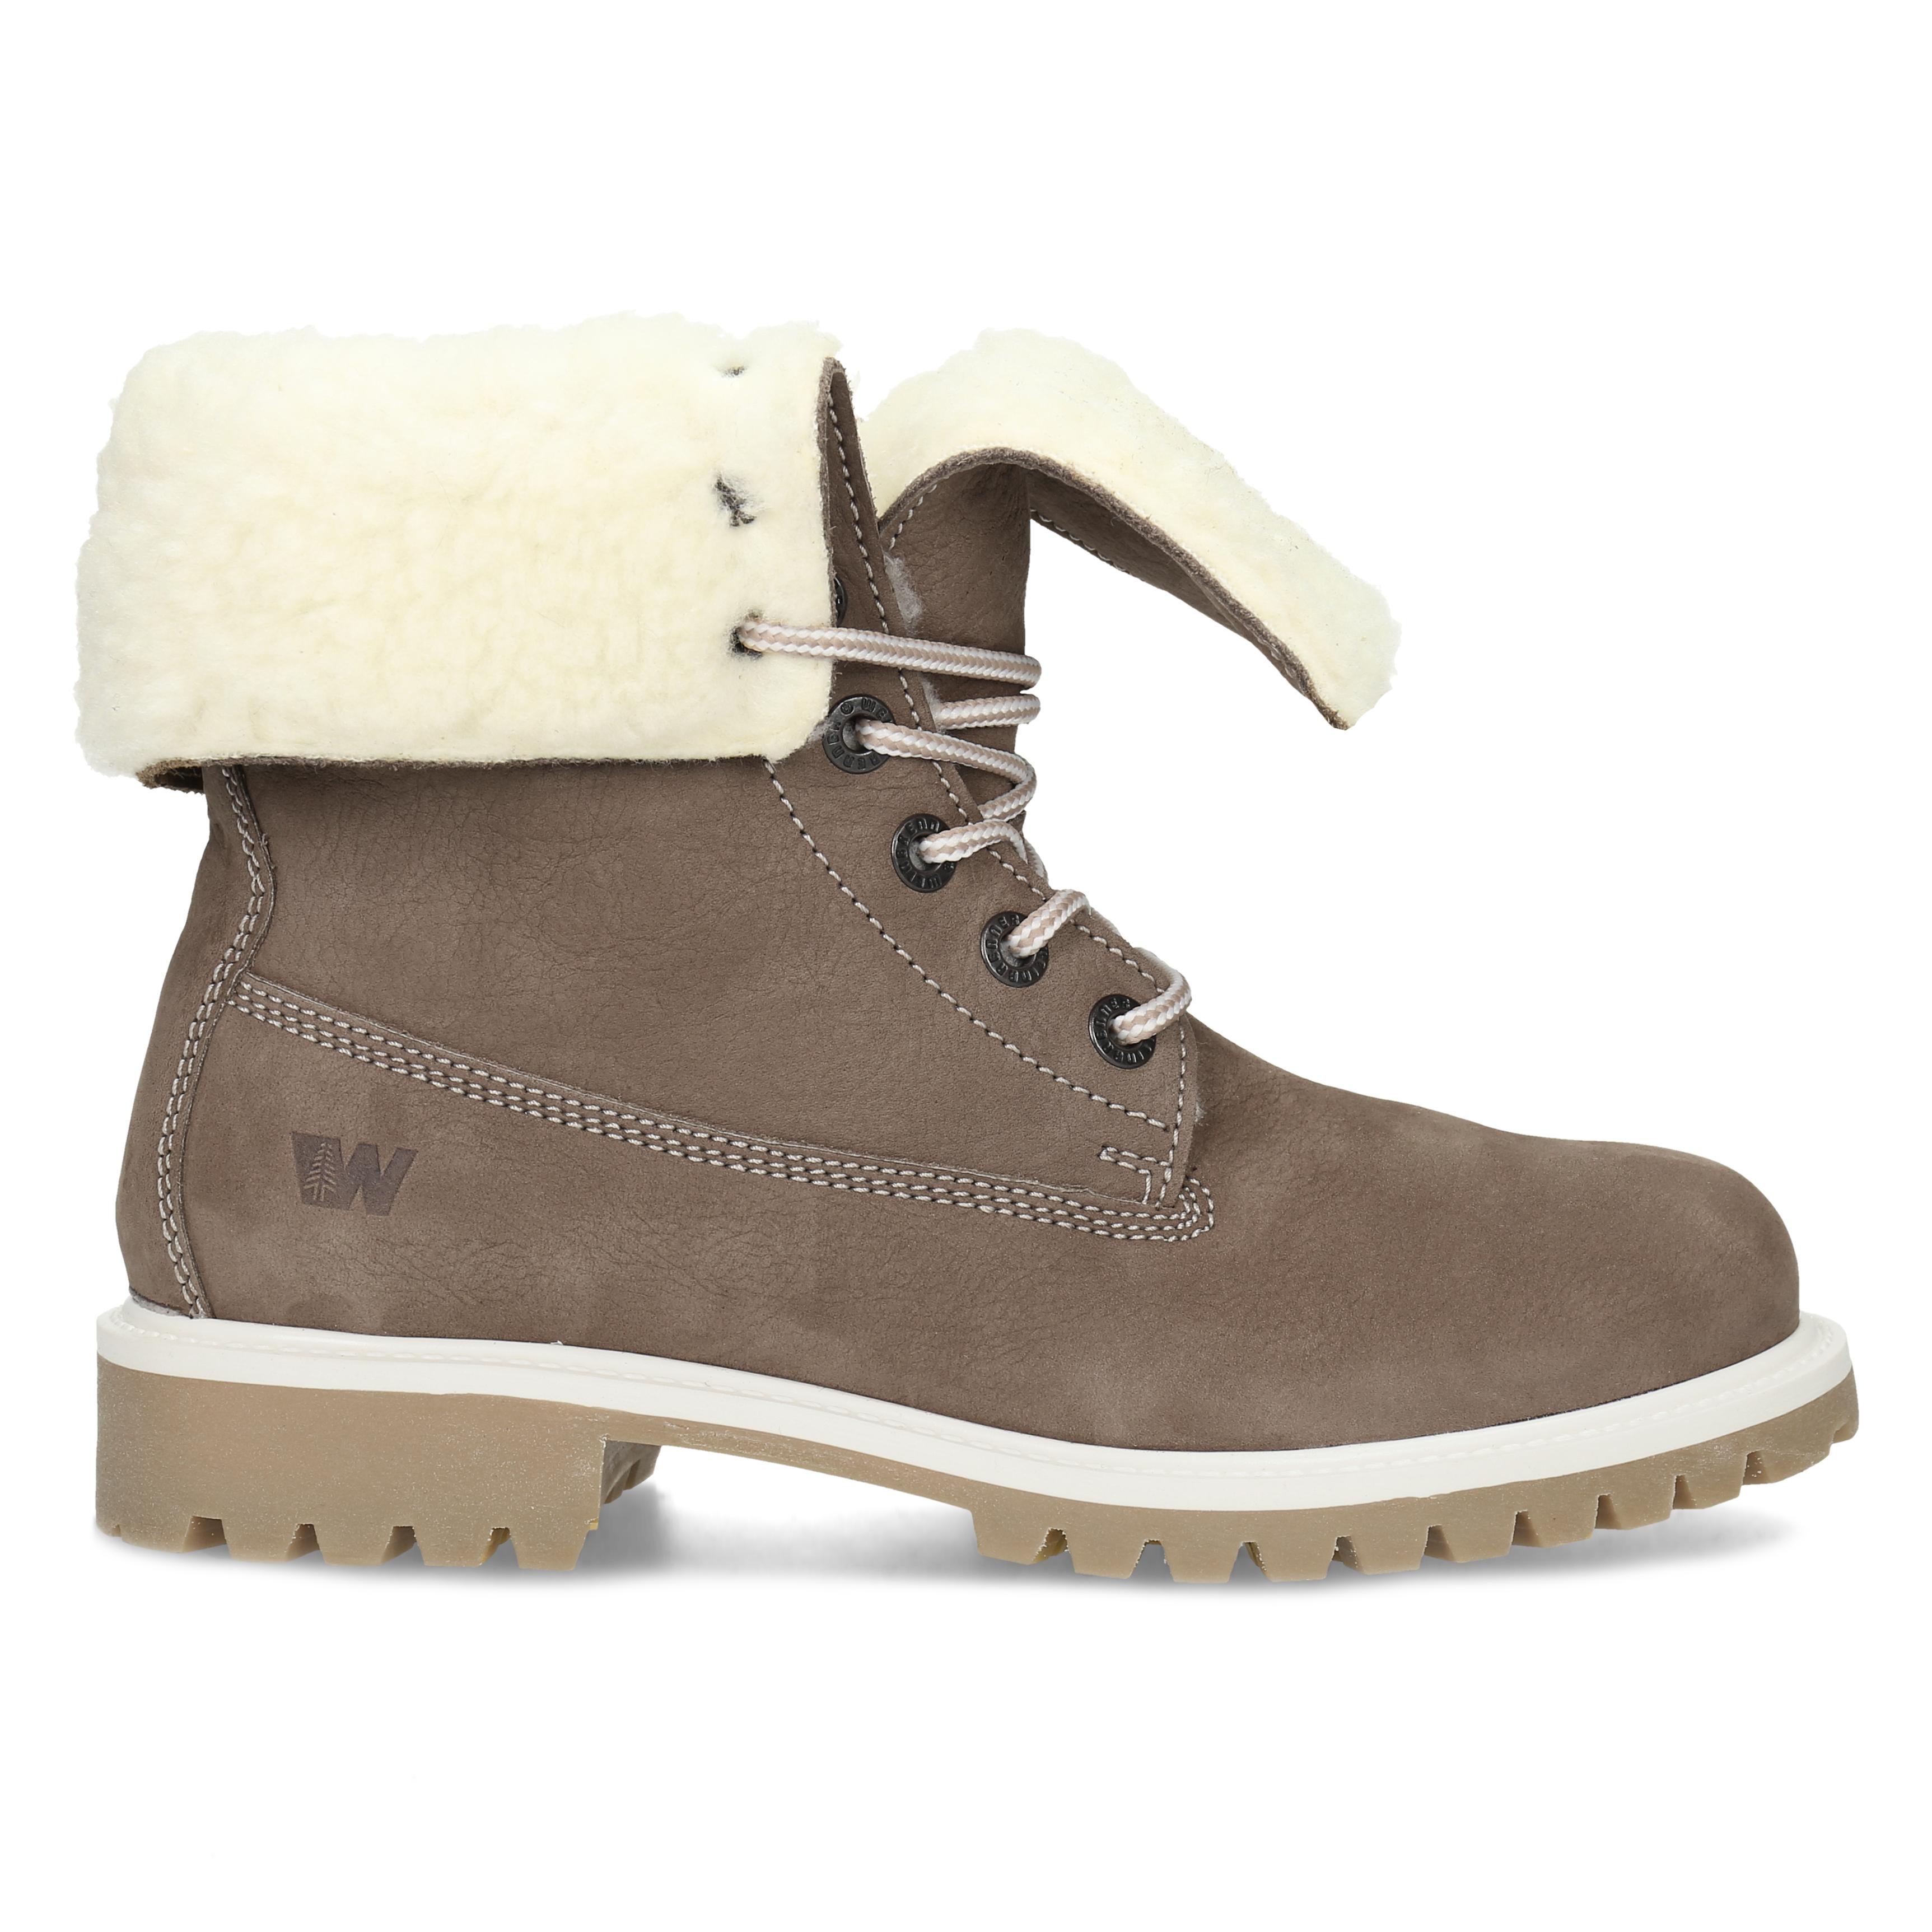 ac691c00d1 Weinbrenner Hnedá dámska kožená zimná obuv - Bez podpätku